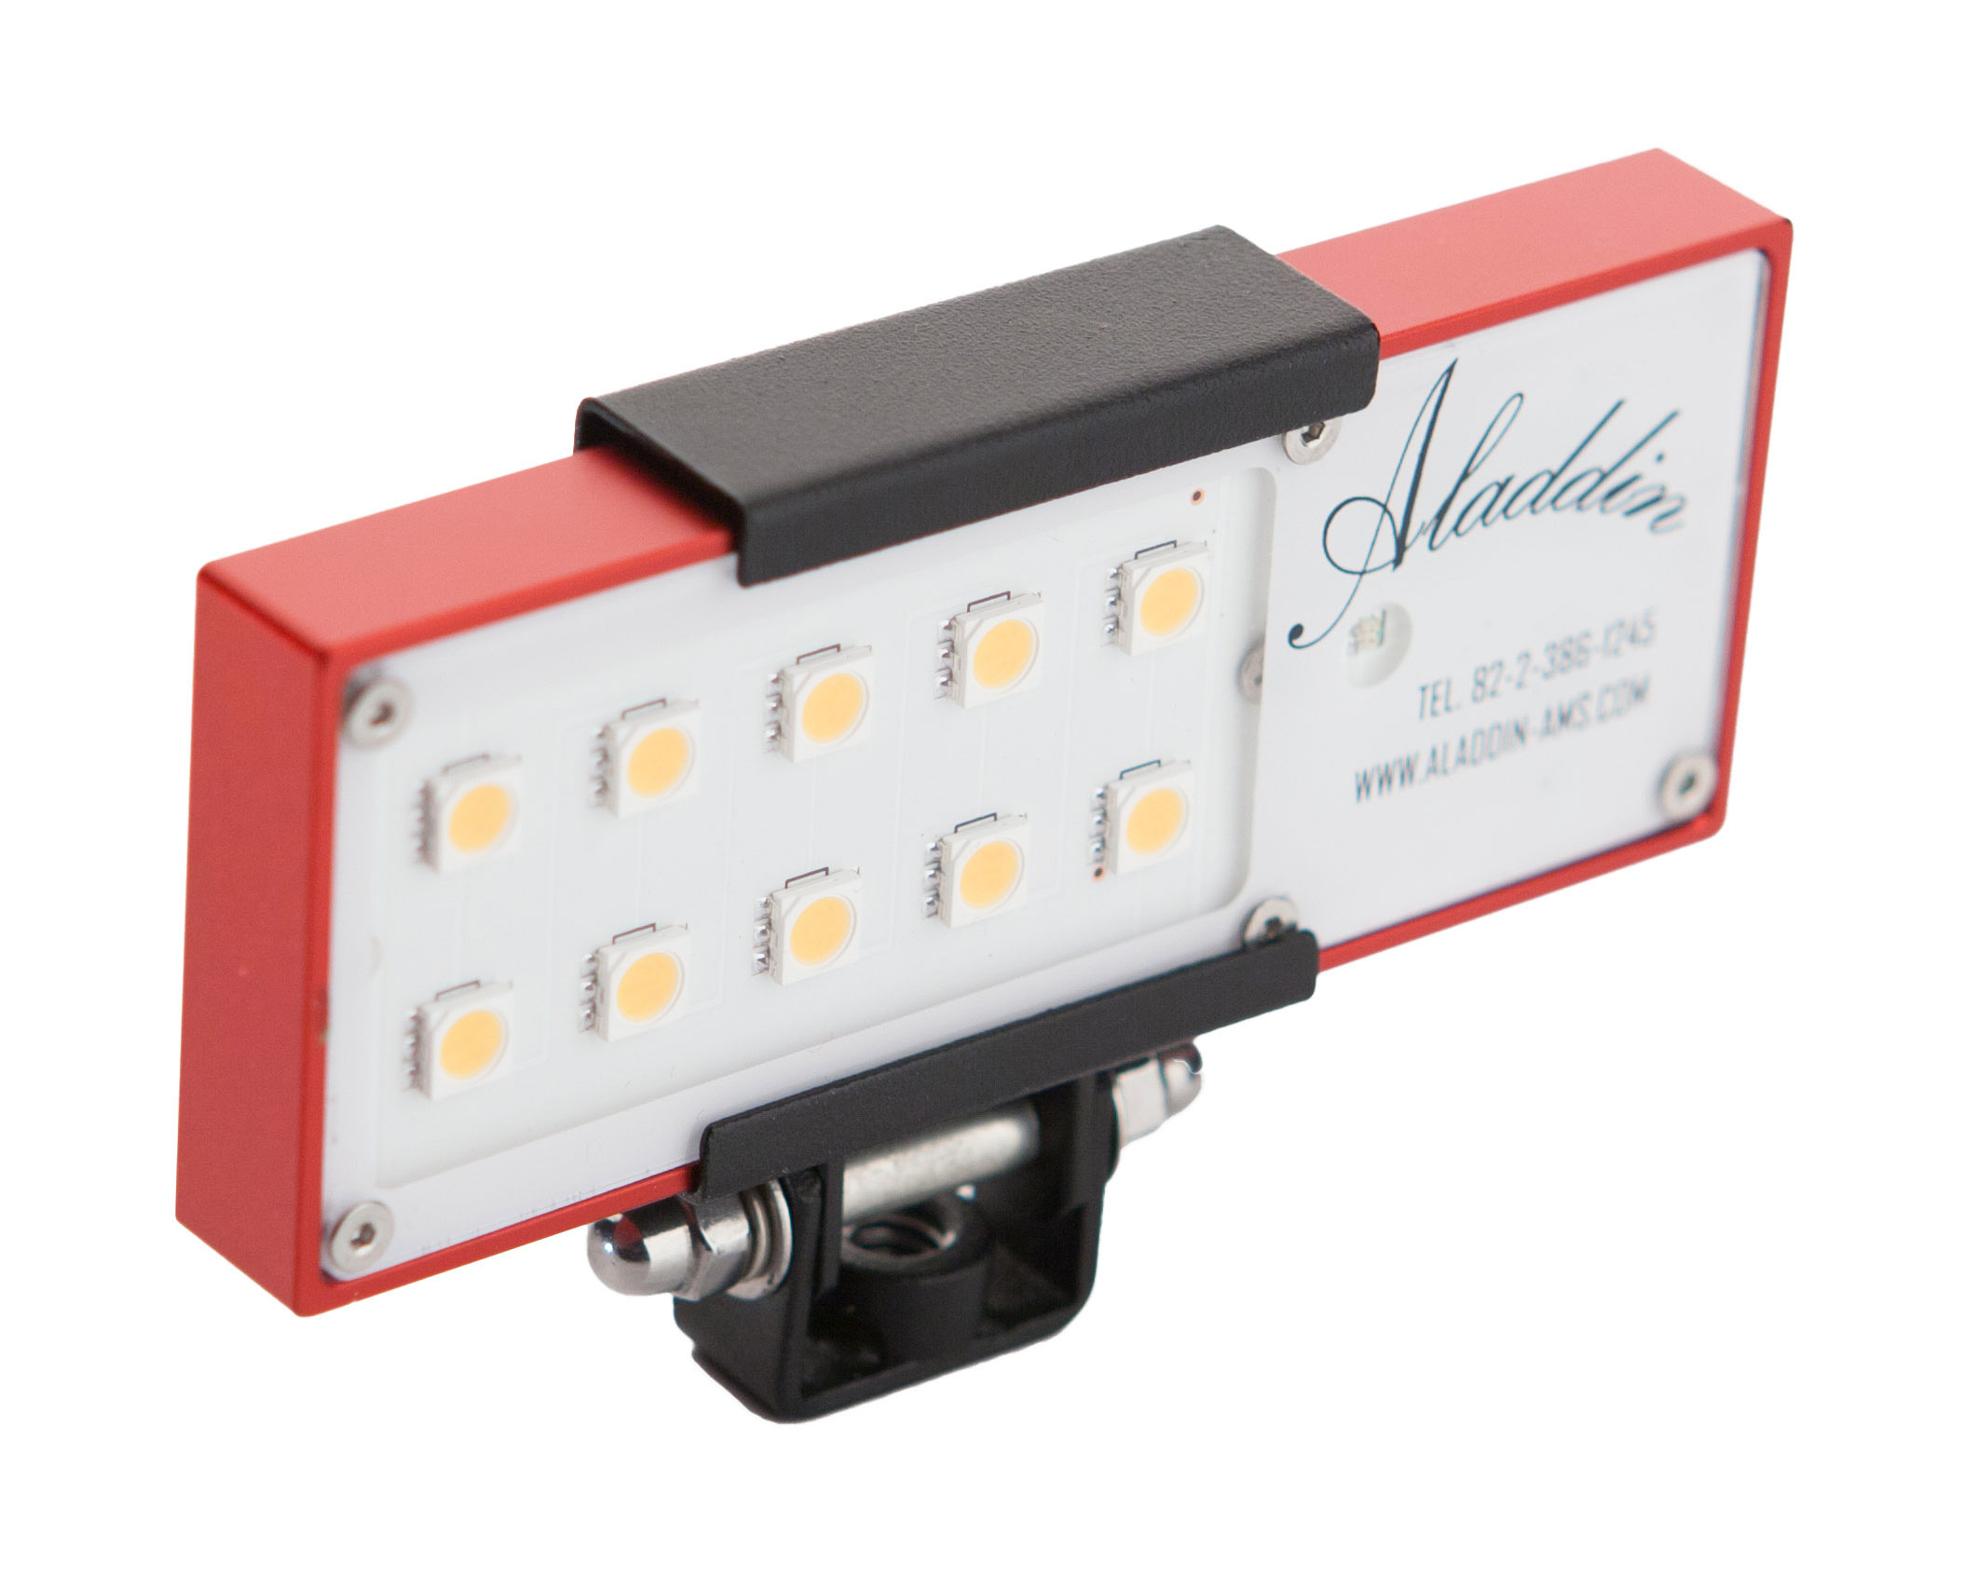 Aladdin 1-2 Light Holder for EYE-LITE & A-LITE 1-2 LED Light Holder for On-Board Fixtures AMS-02-1/2MB